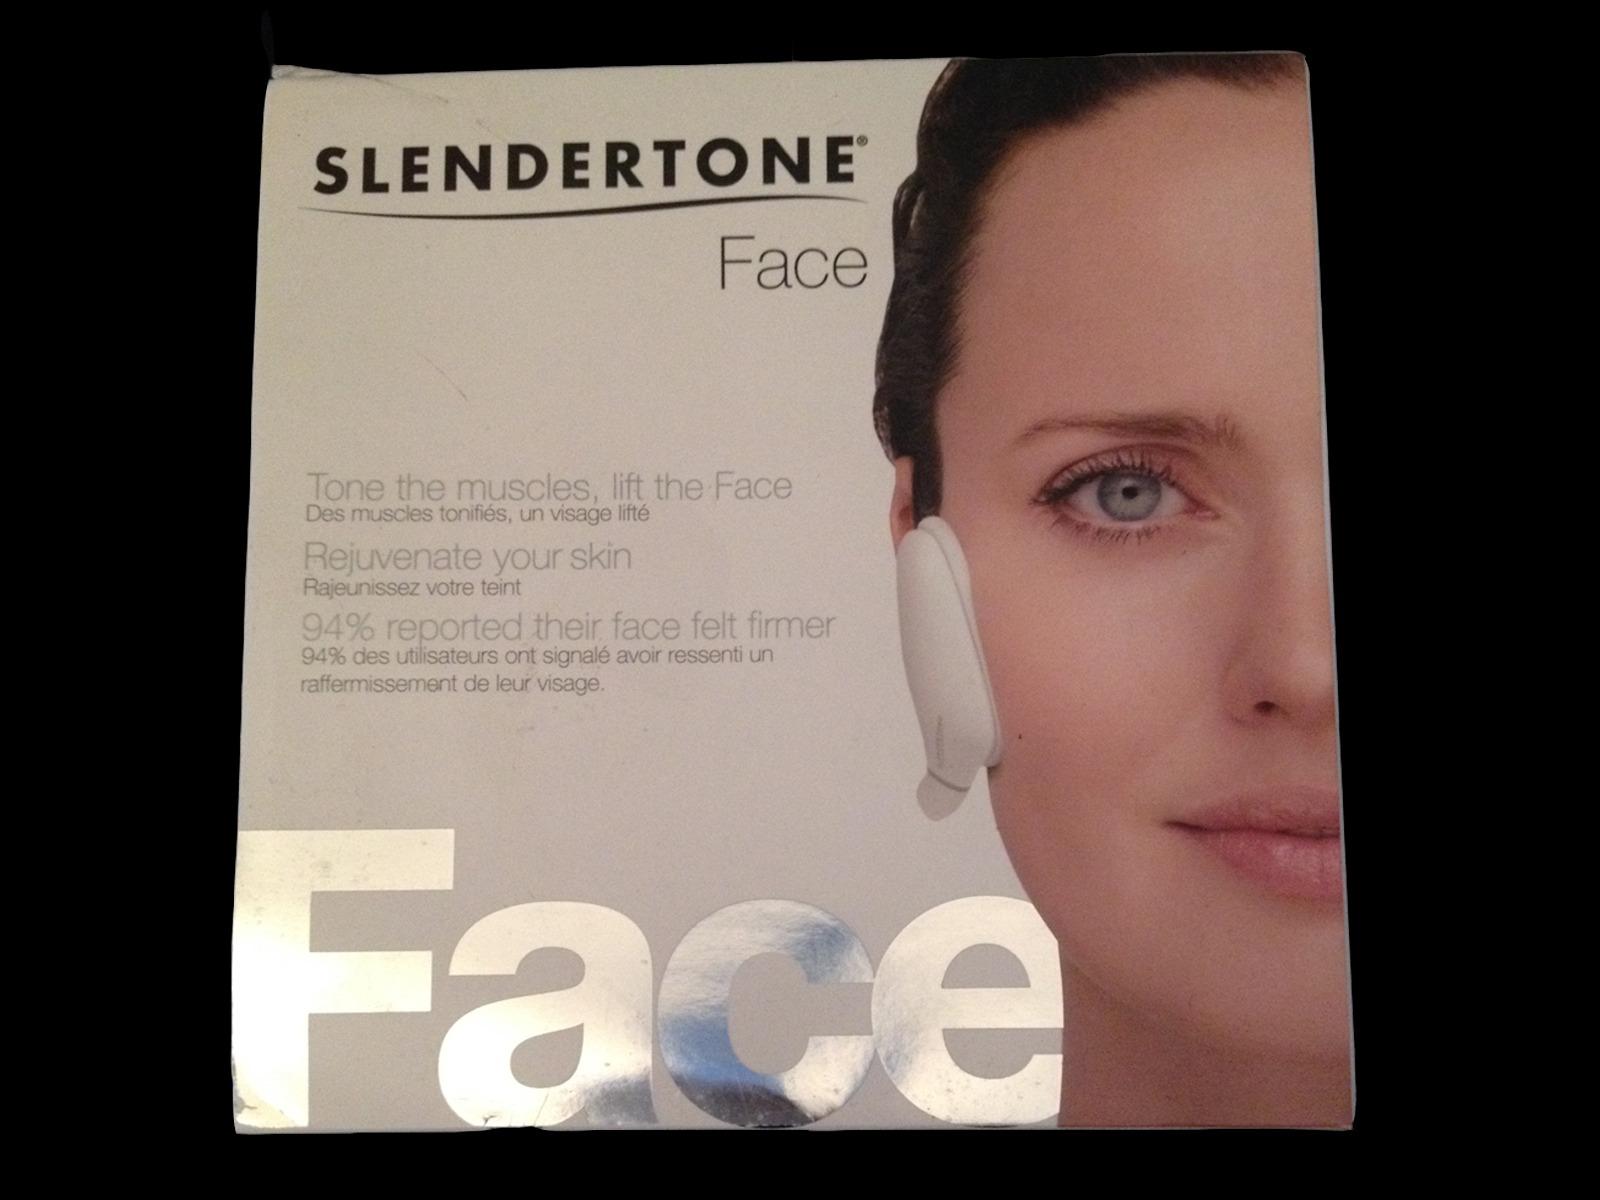 Slendertone Face